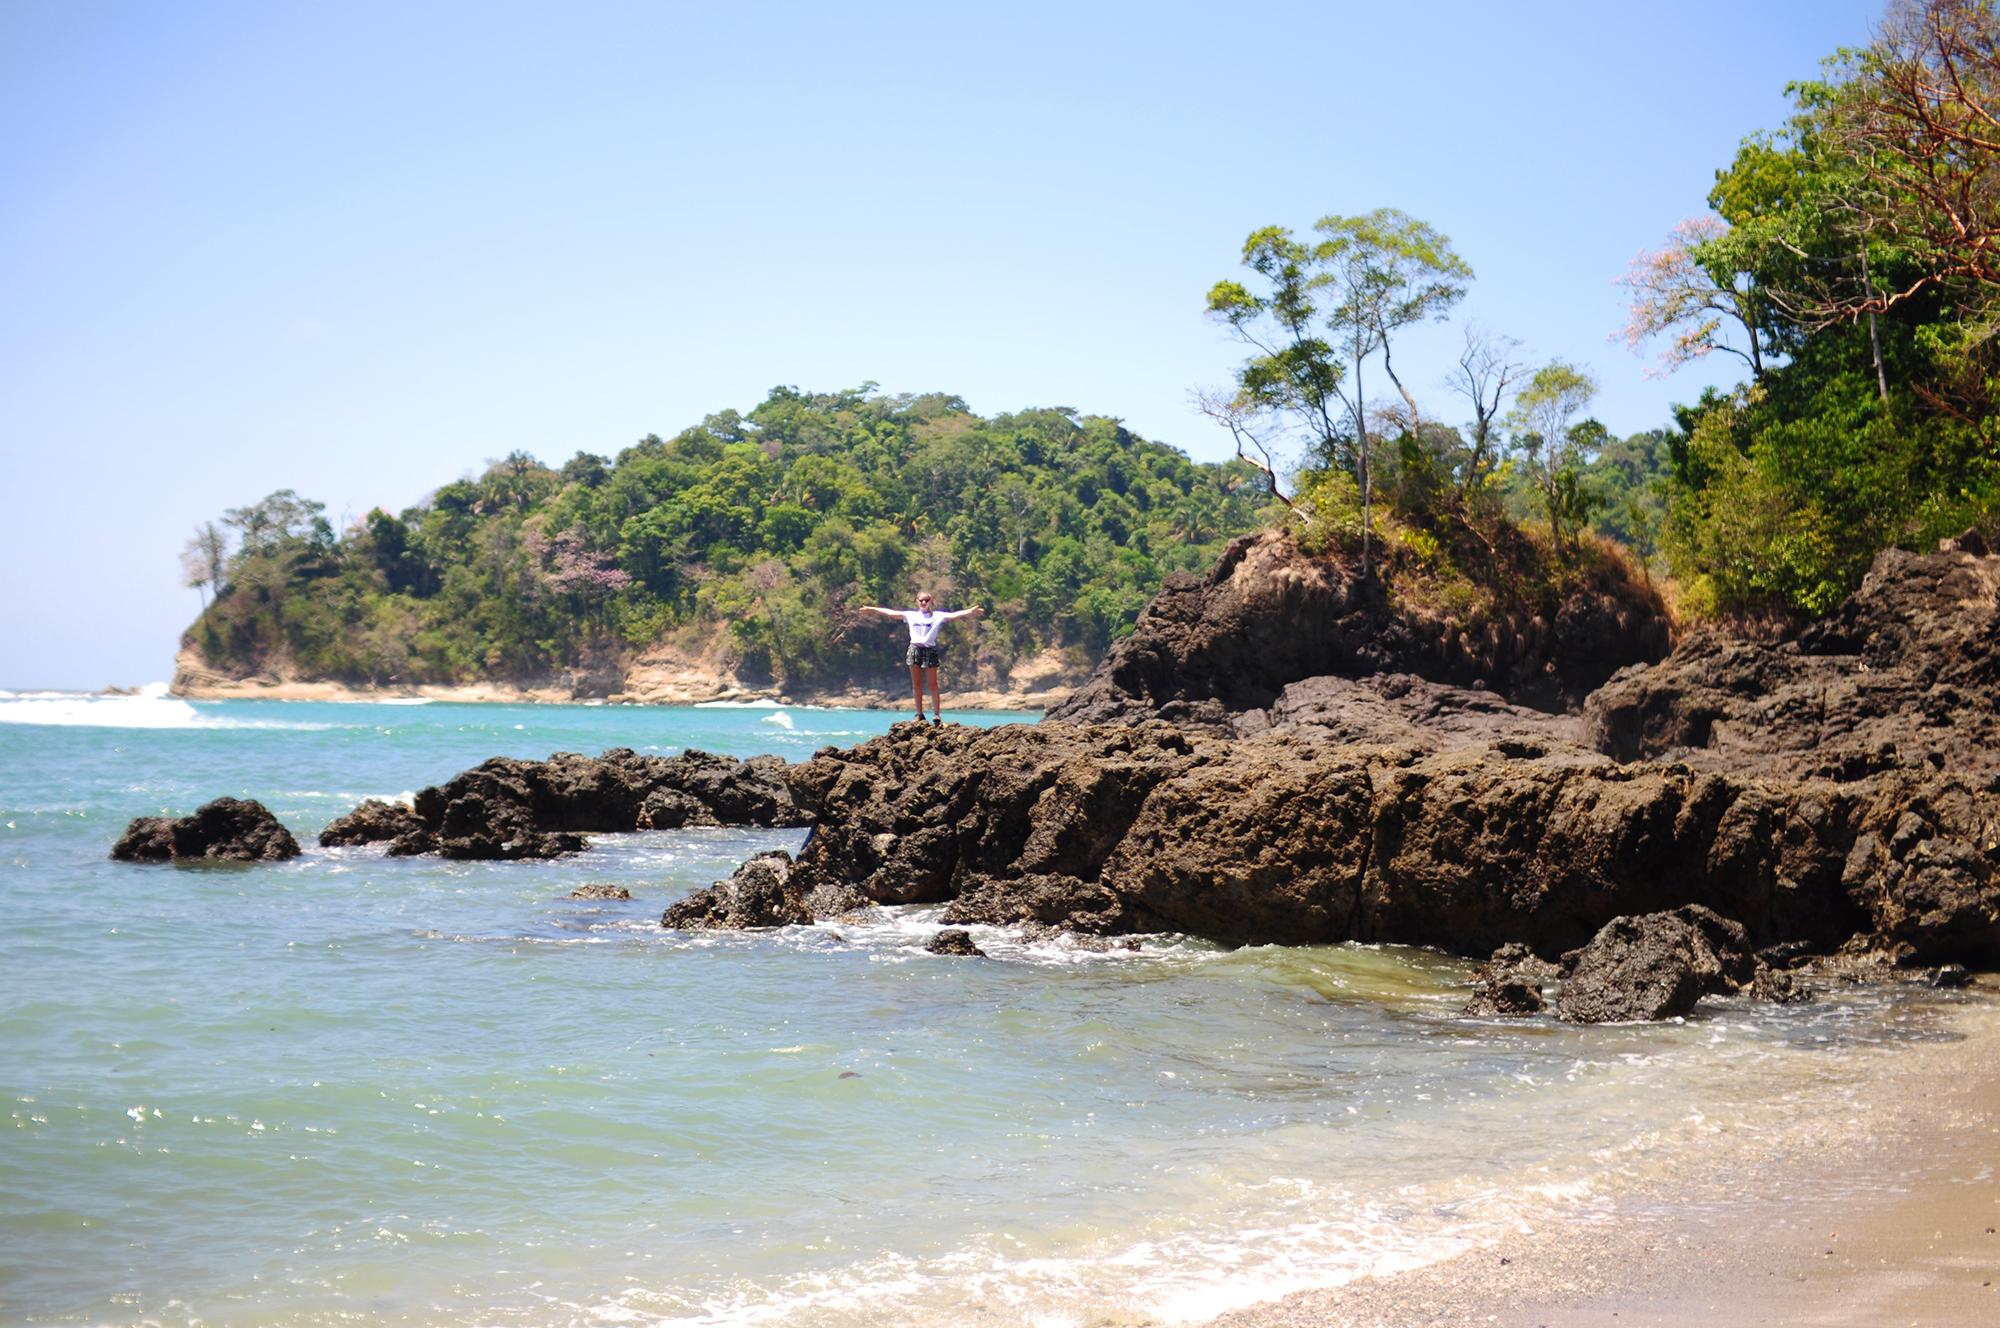 voyage-costa-rica-manuel-antonio-57